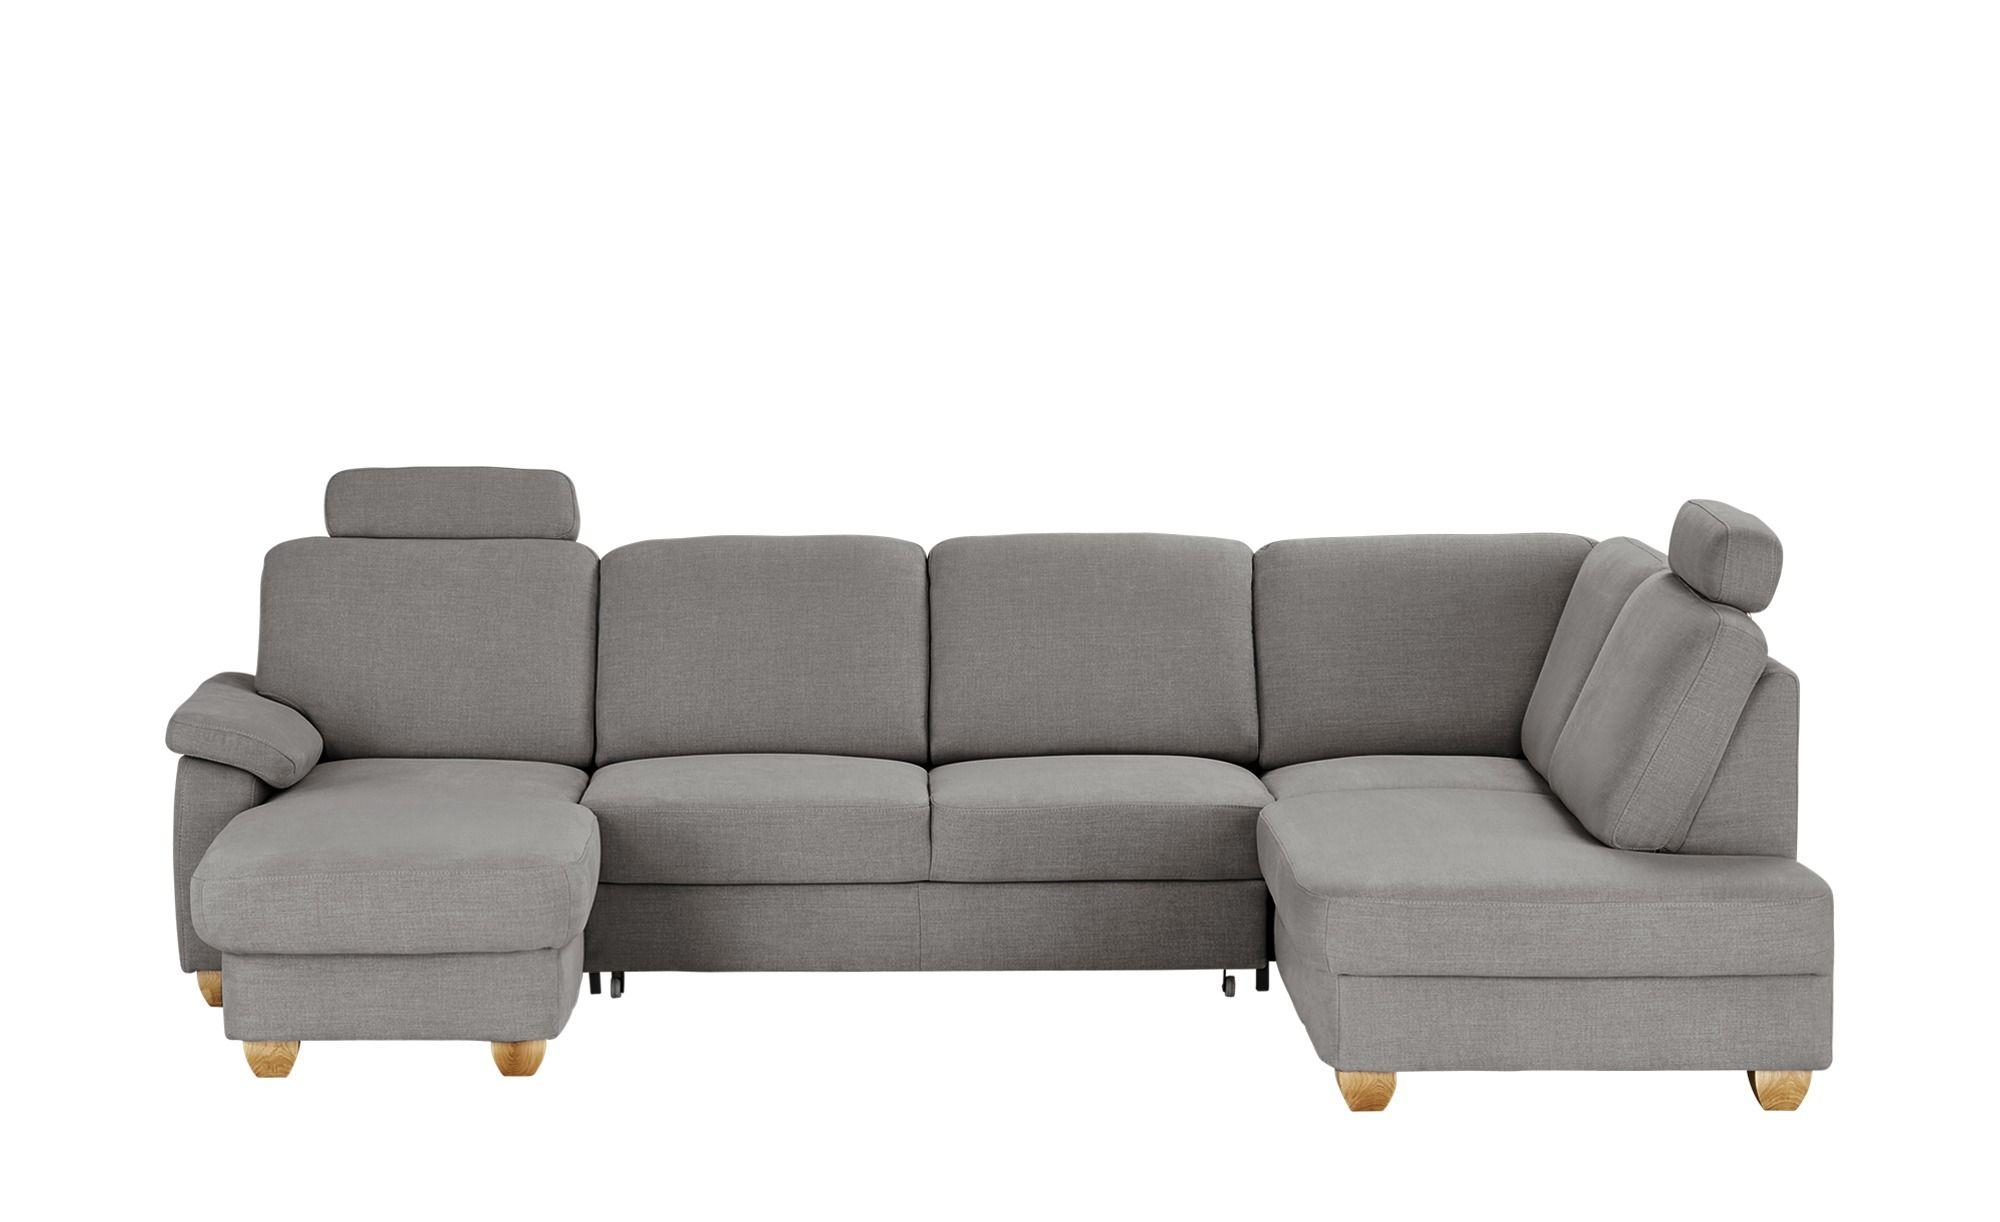 Wohnlandschaft Rosa Webstoff Oliver S Sofa Design Big Sofa Kaufen Und Wohnen